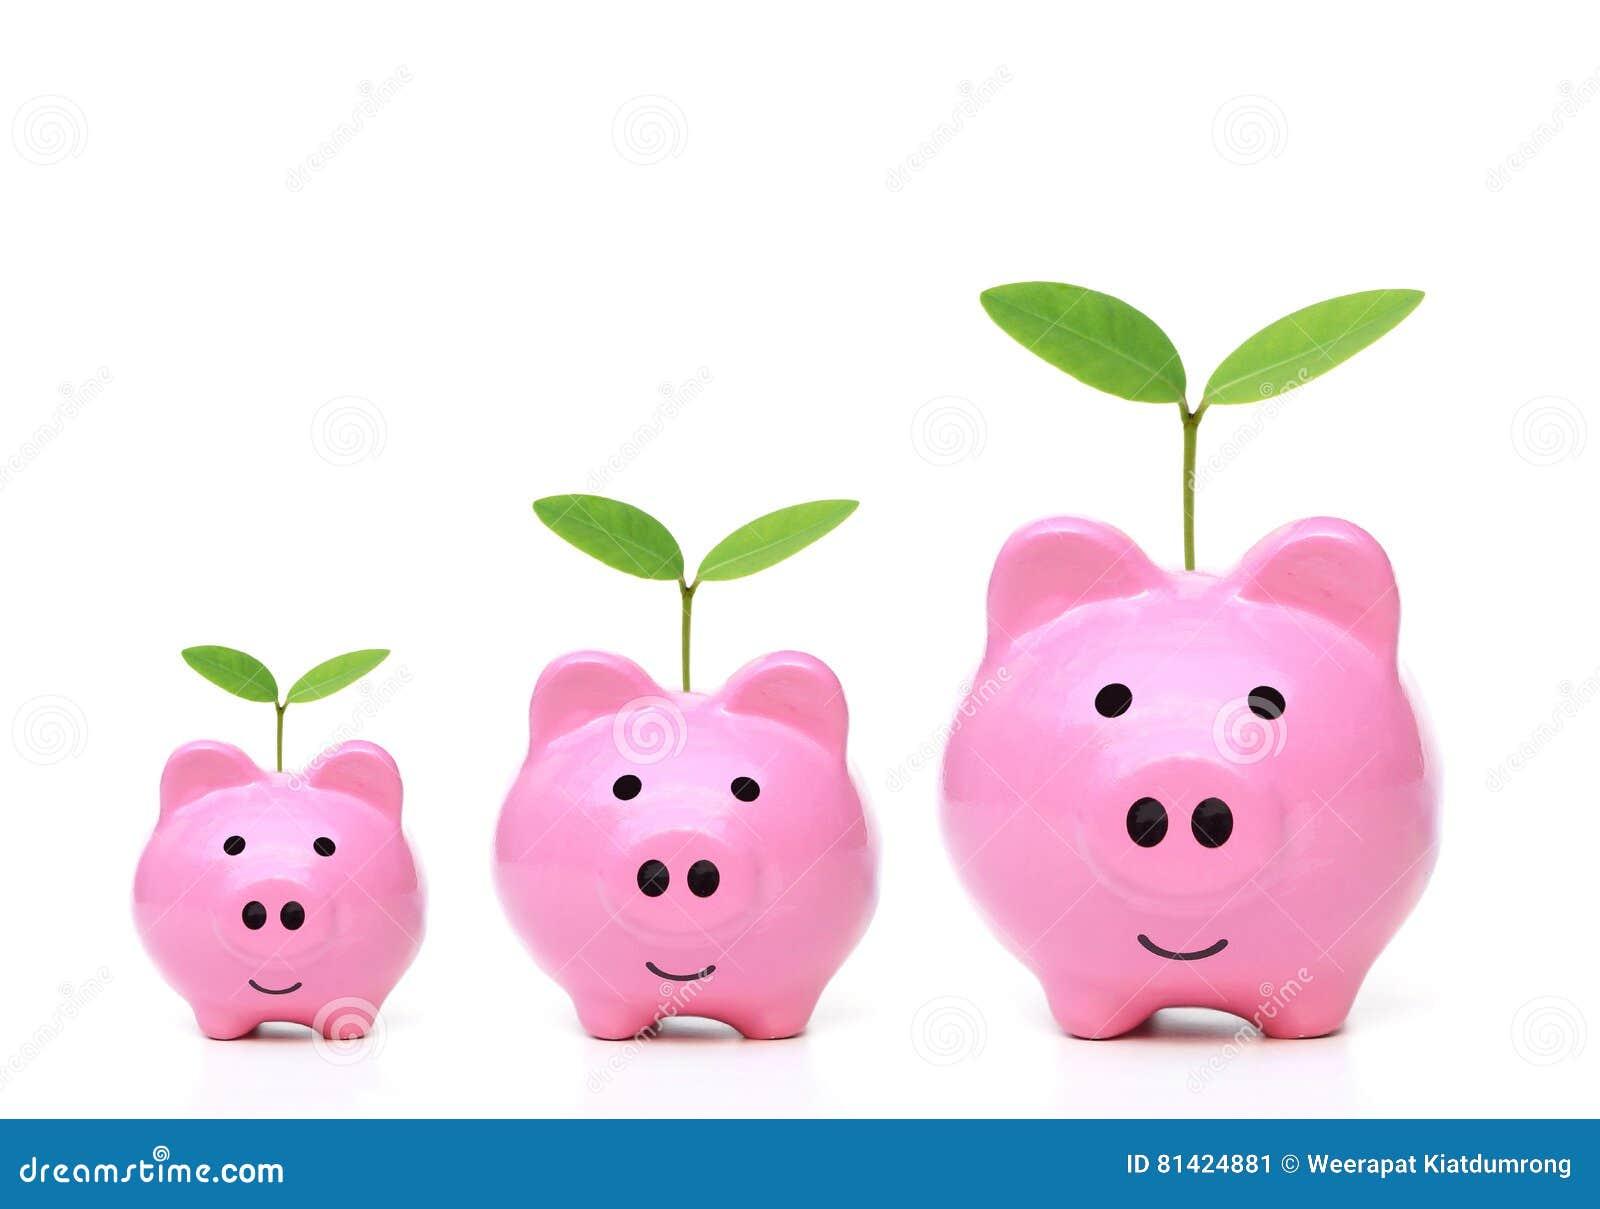 7324fb97edf Green saving stock image. Image of banks